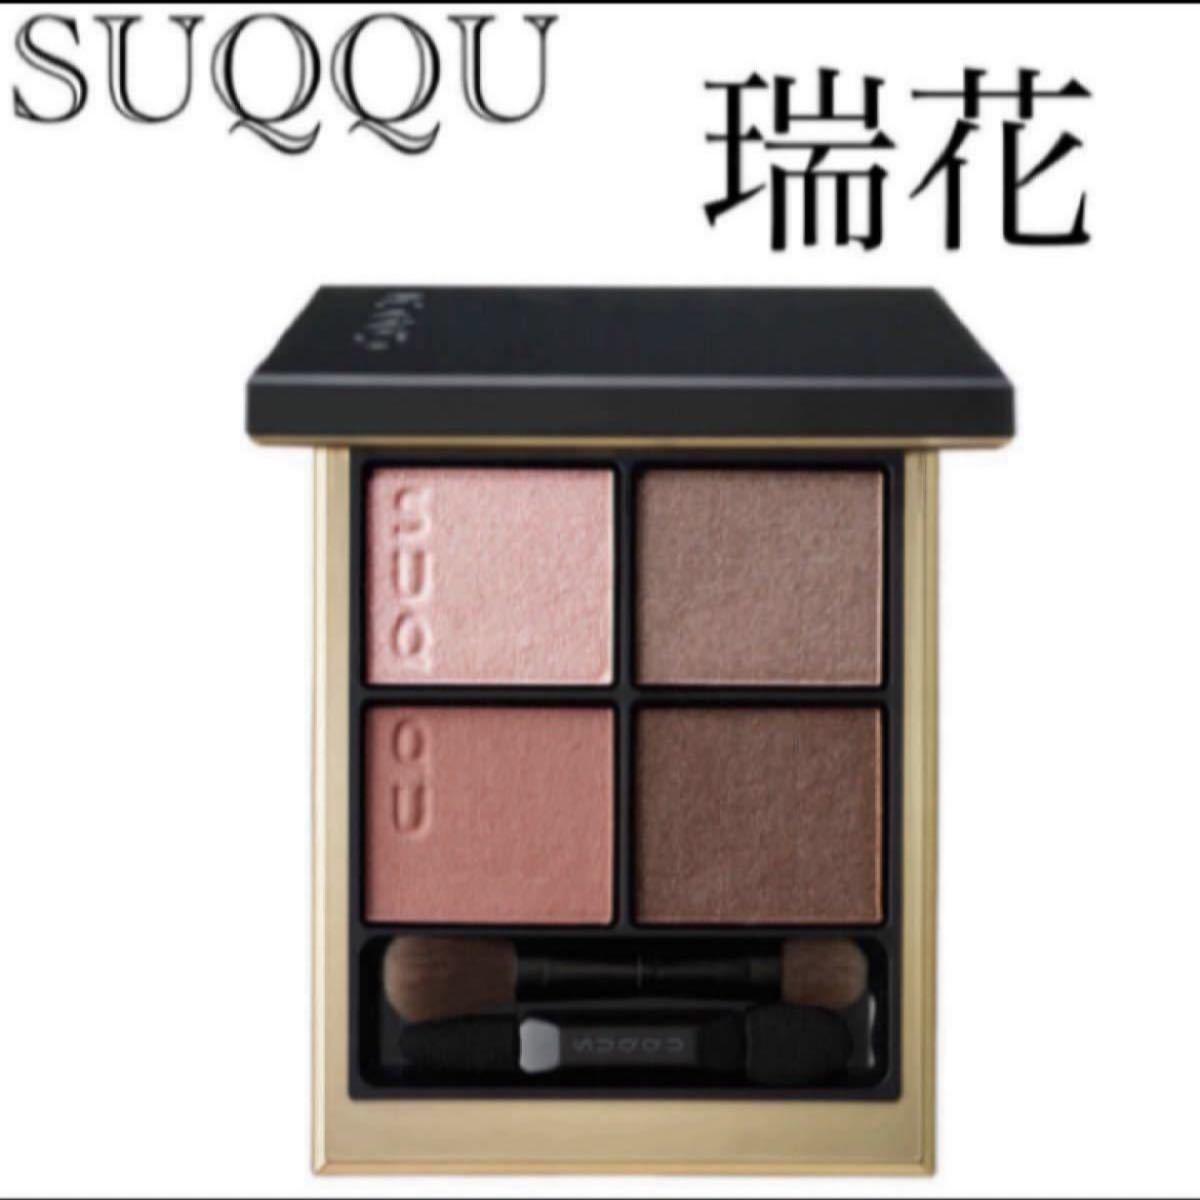 SUQQU シグニチャー カラー アイズ 01 瑞花